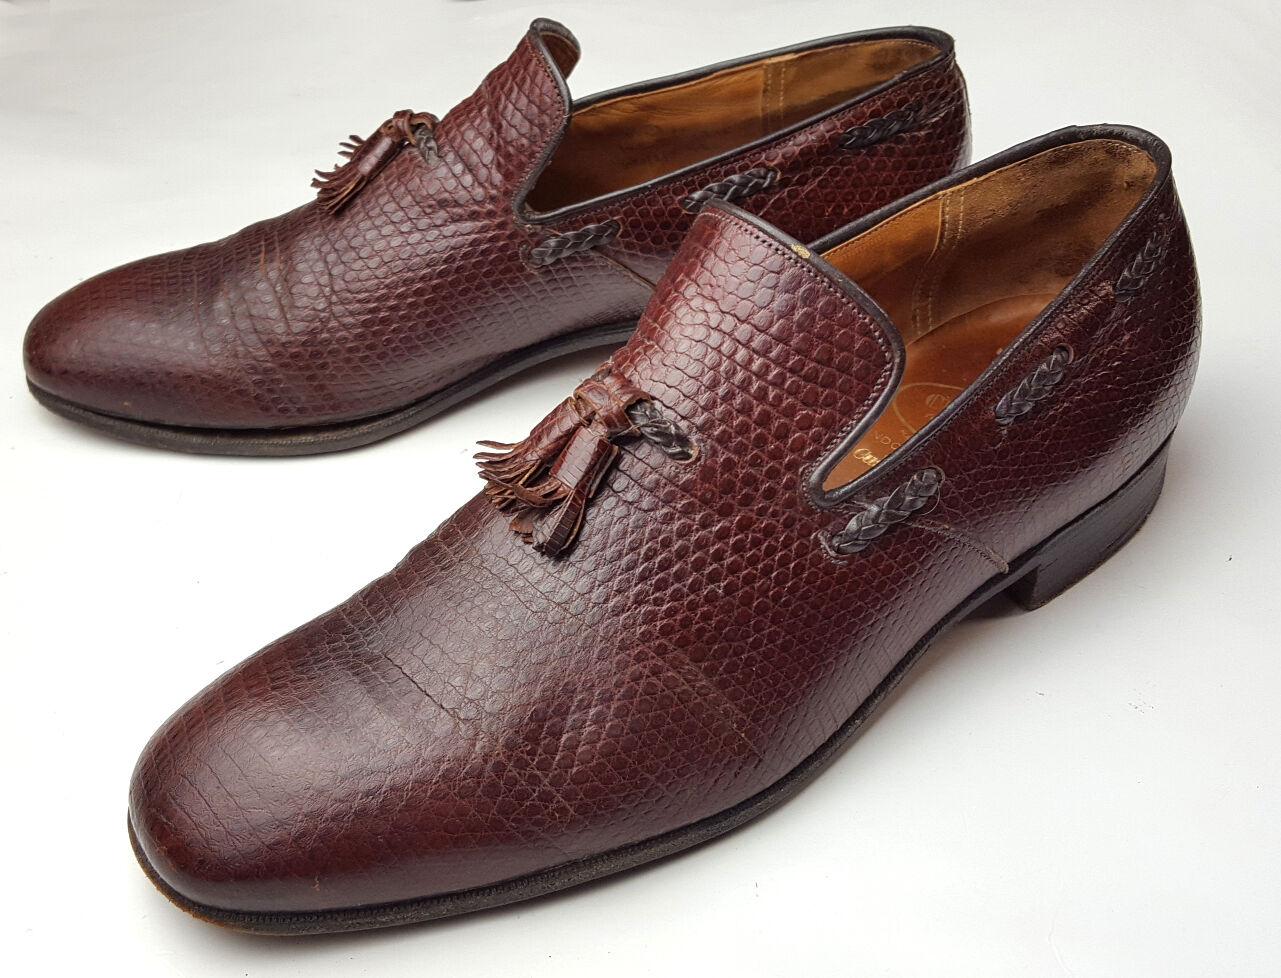 Church's Real Lizard Skin 11.5 D Shoes Custom Oxblood Loafers Tassles Scarpe classiche da uomo